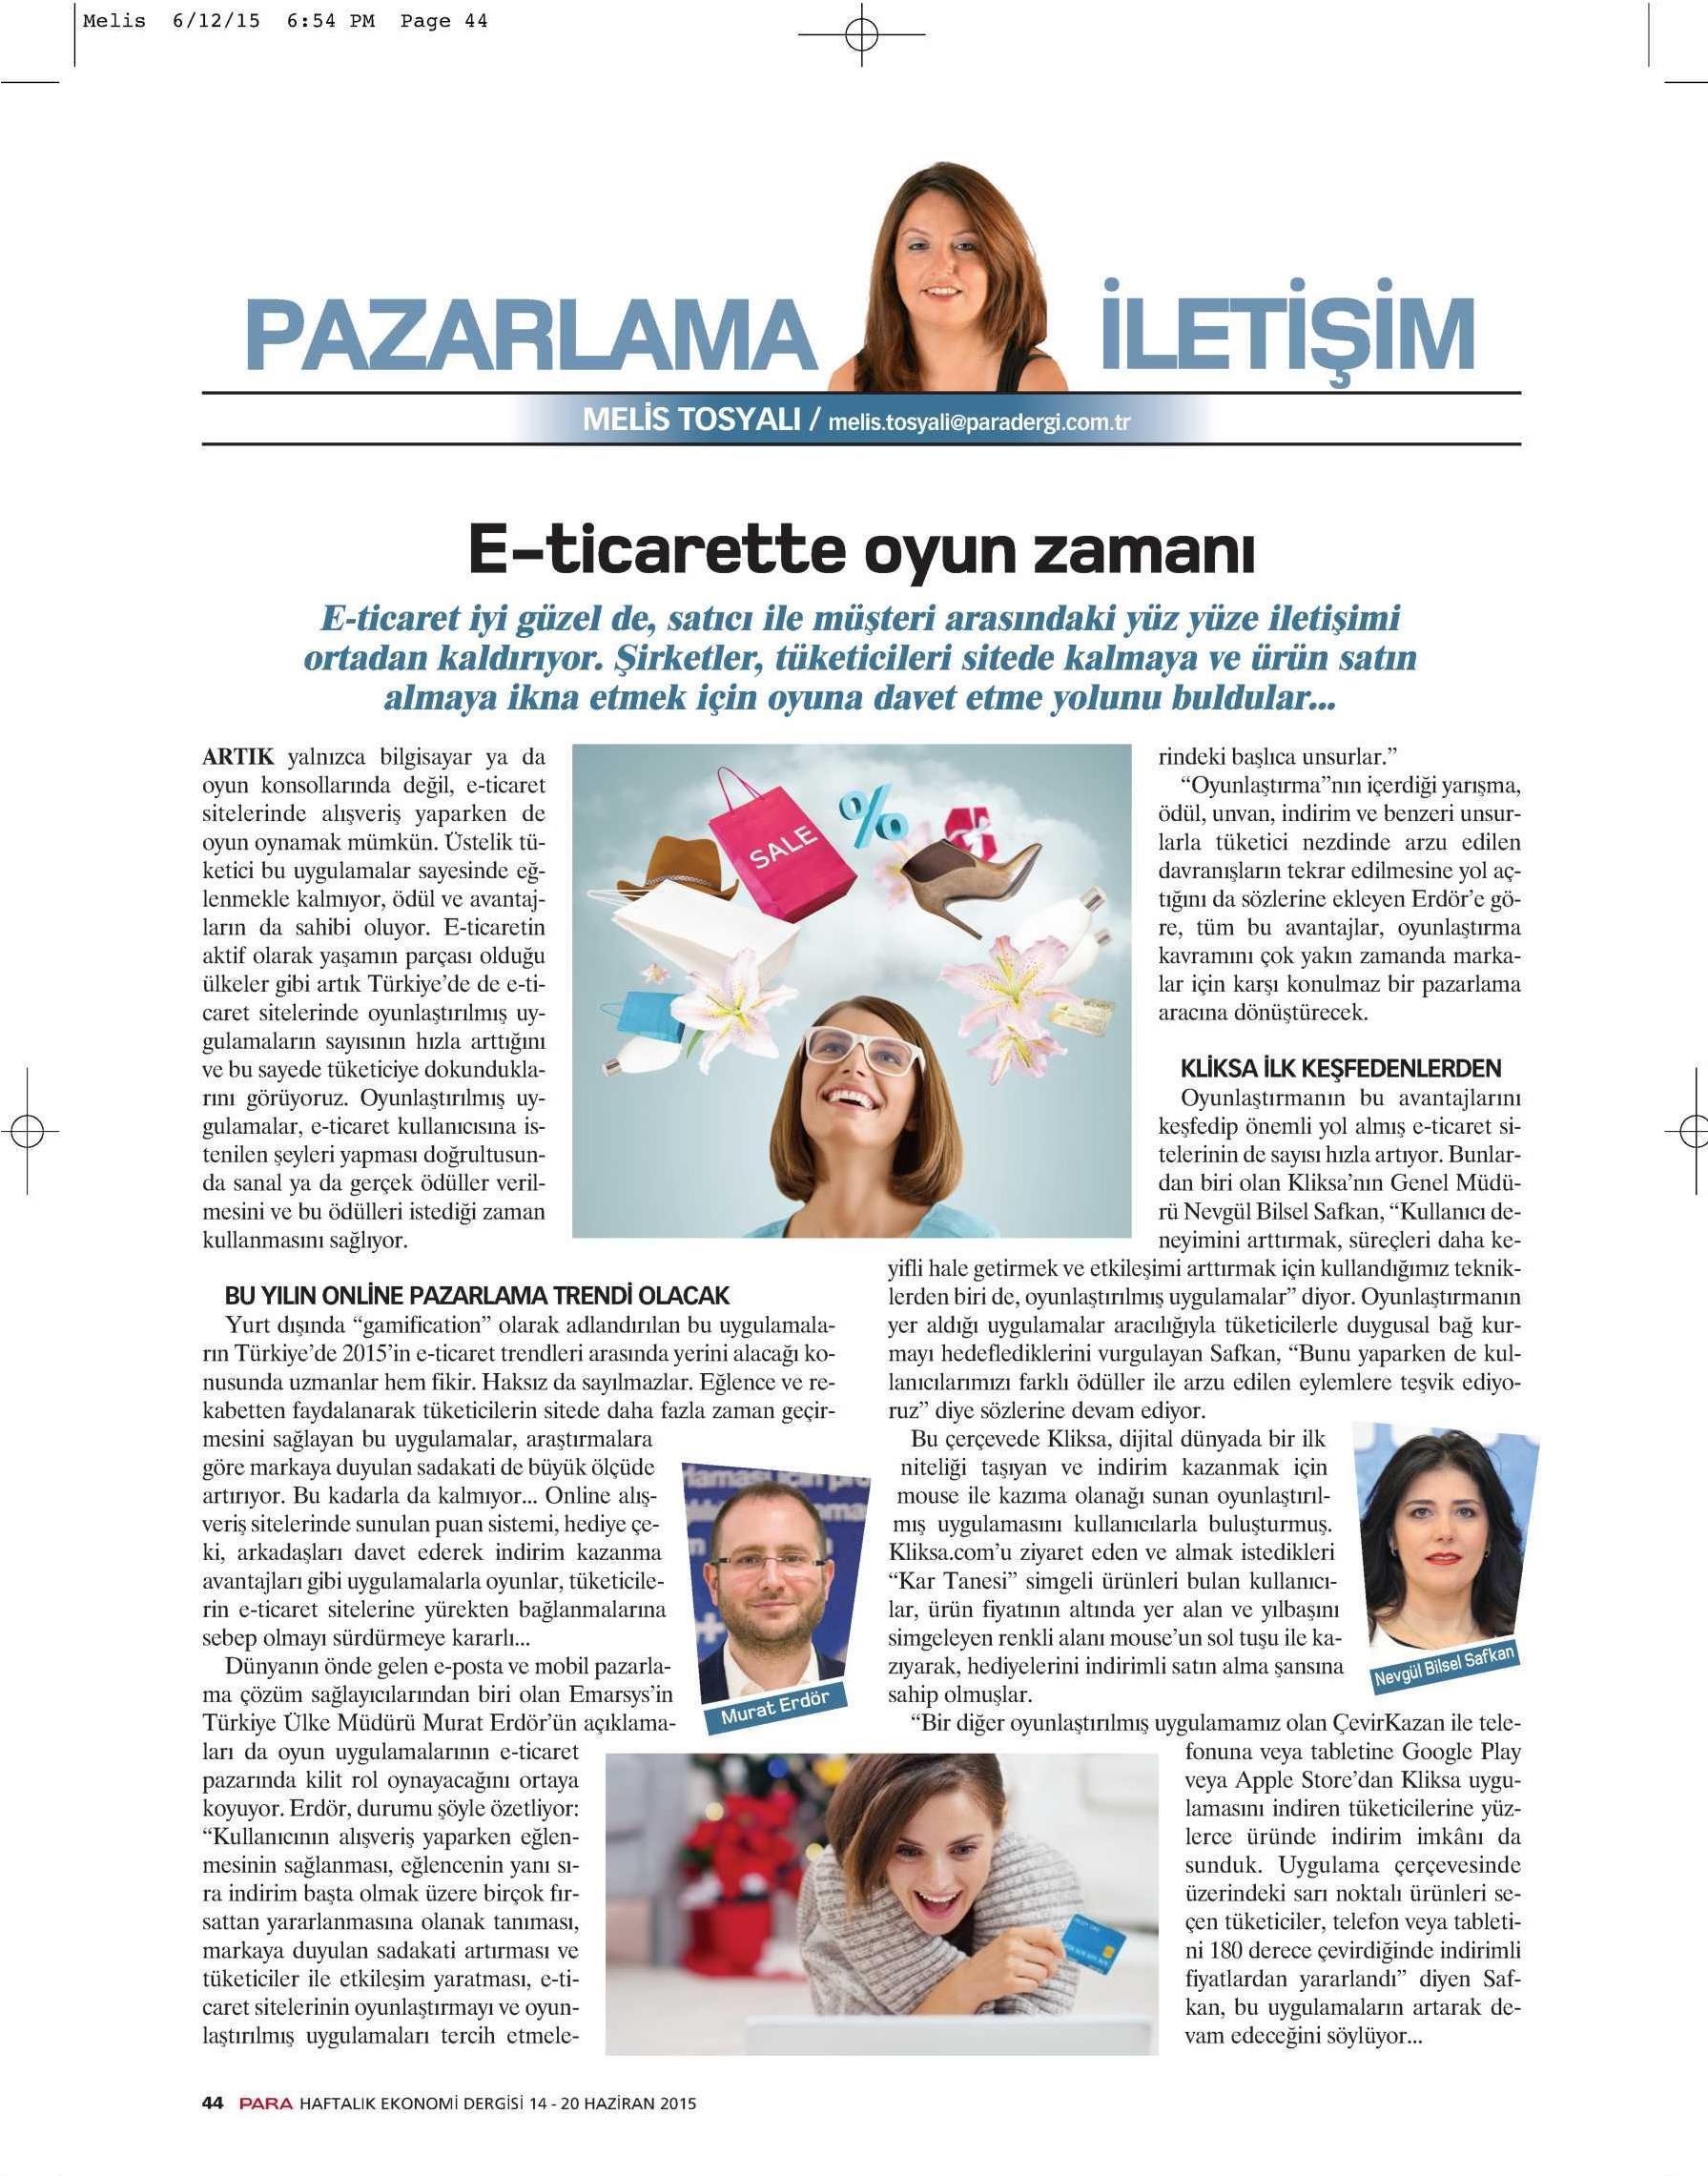 41 - Para Dergisi_muraterdor.com_14.6.2015